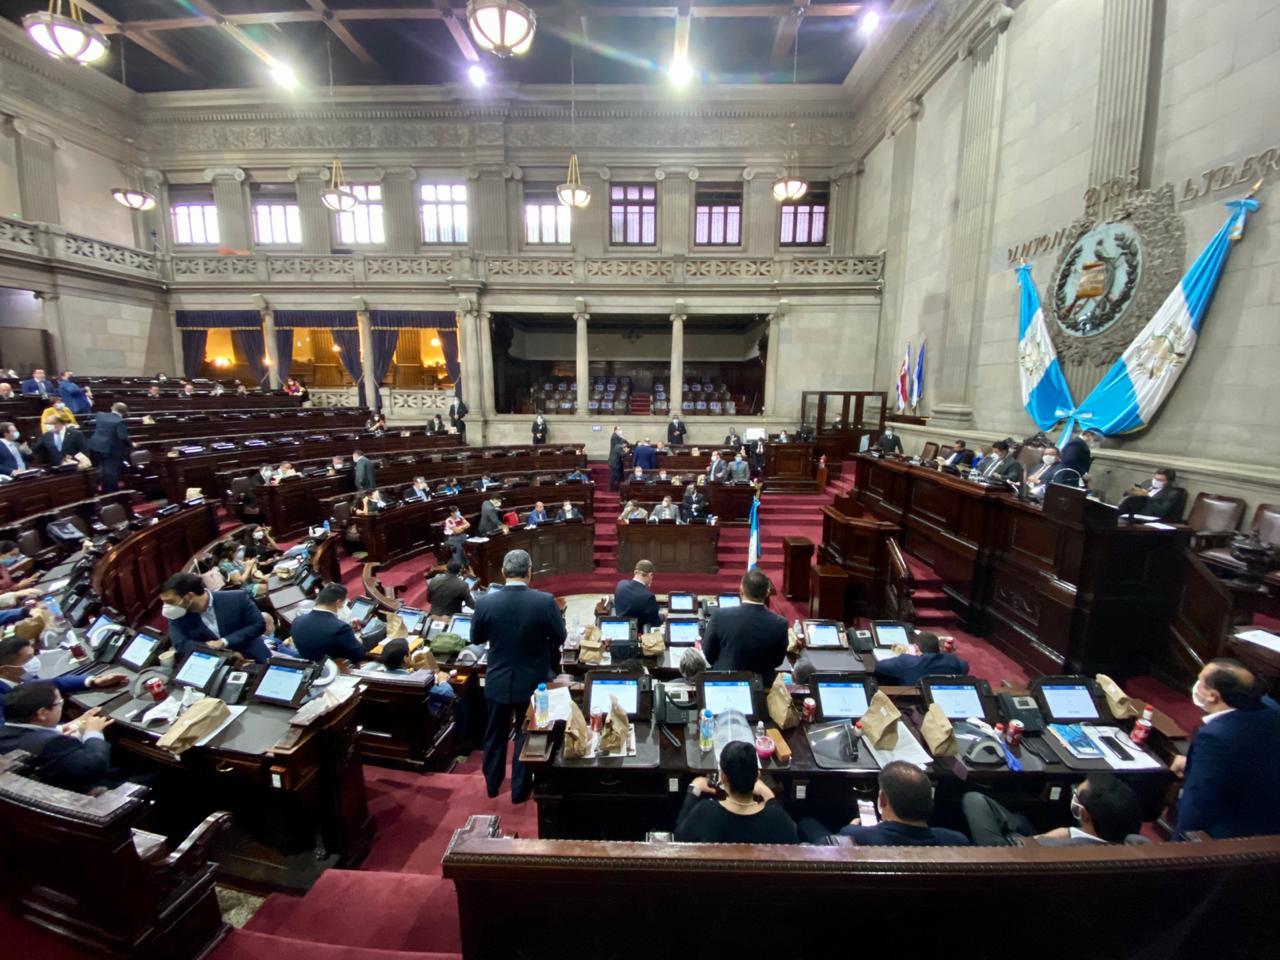 Los diputados del Congreso de la República se reunieron en su sexta reunión extraordinaria este jueves. (Foto: Congreso de la República)